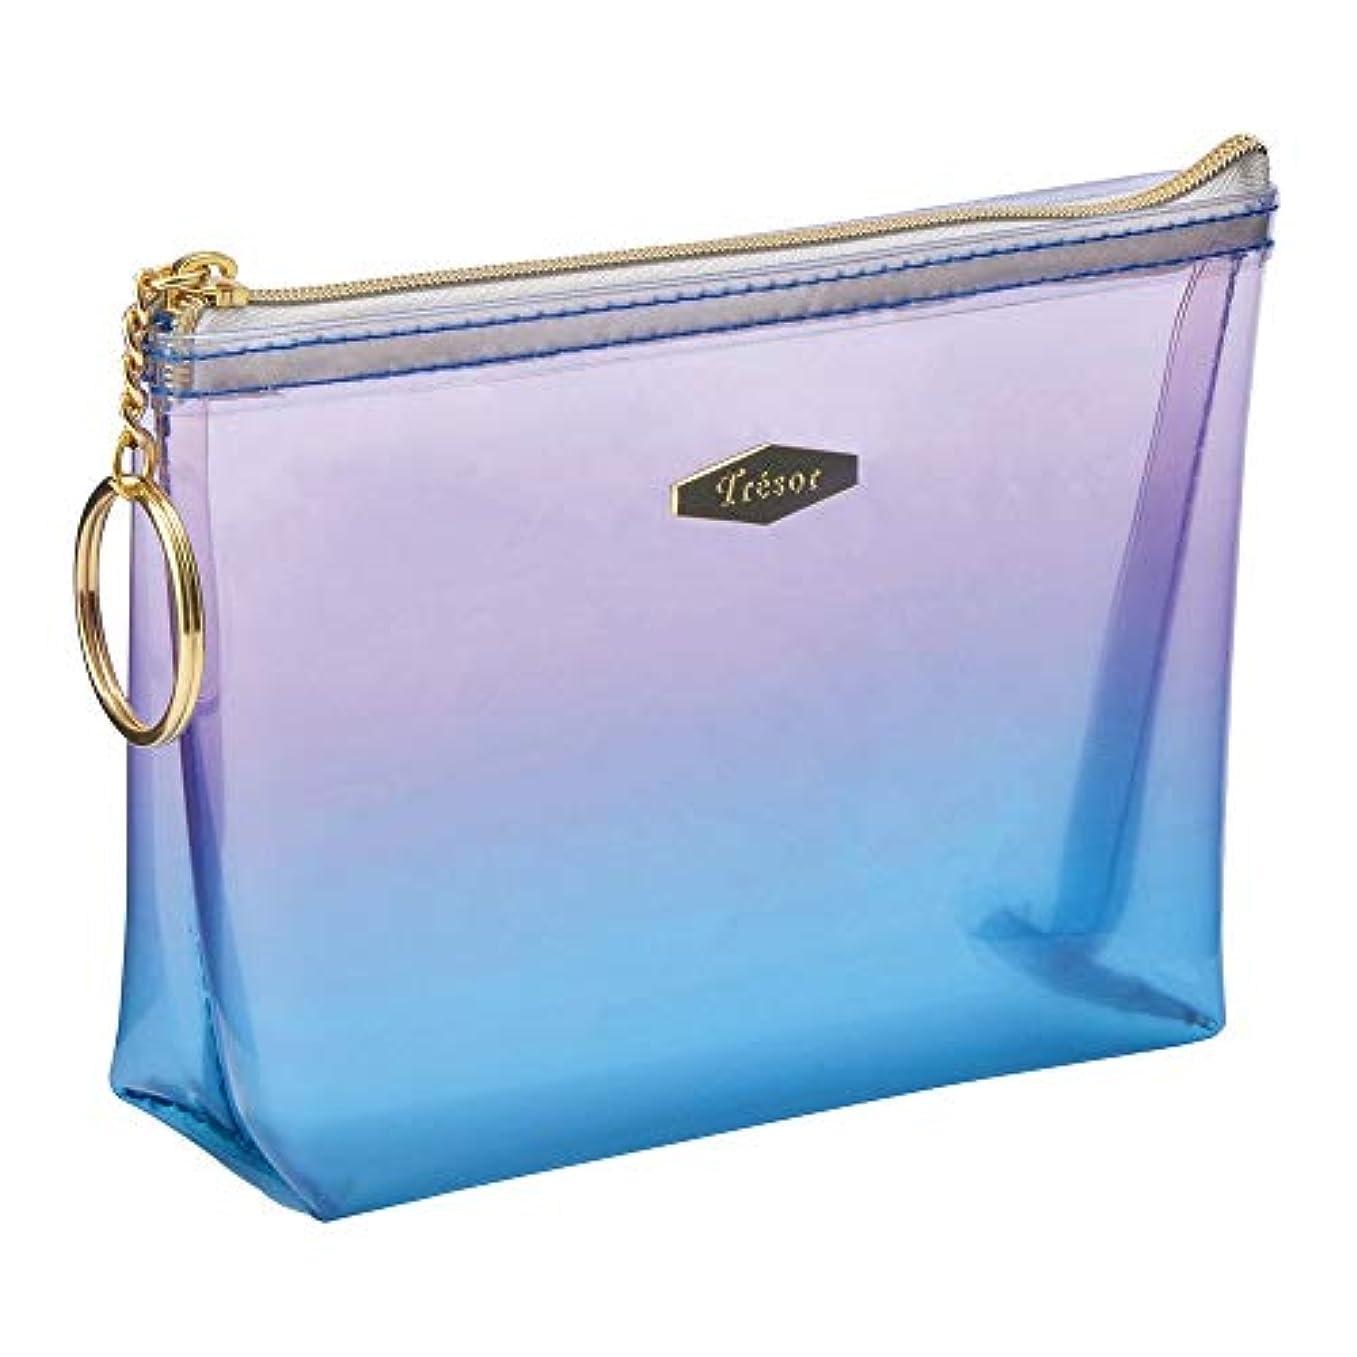 釈義かる財布マークス ミニポーチ 雑貨コレクション グラデーション ブルー GDT-PO02-BL